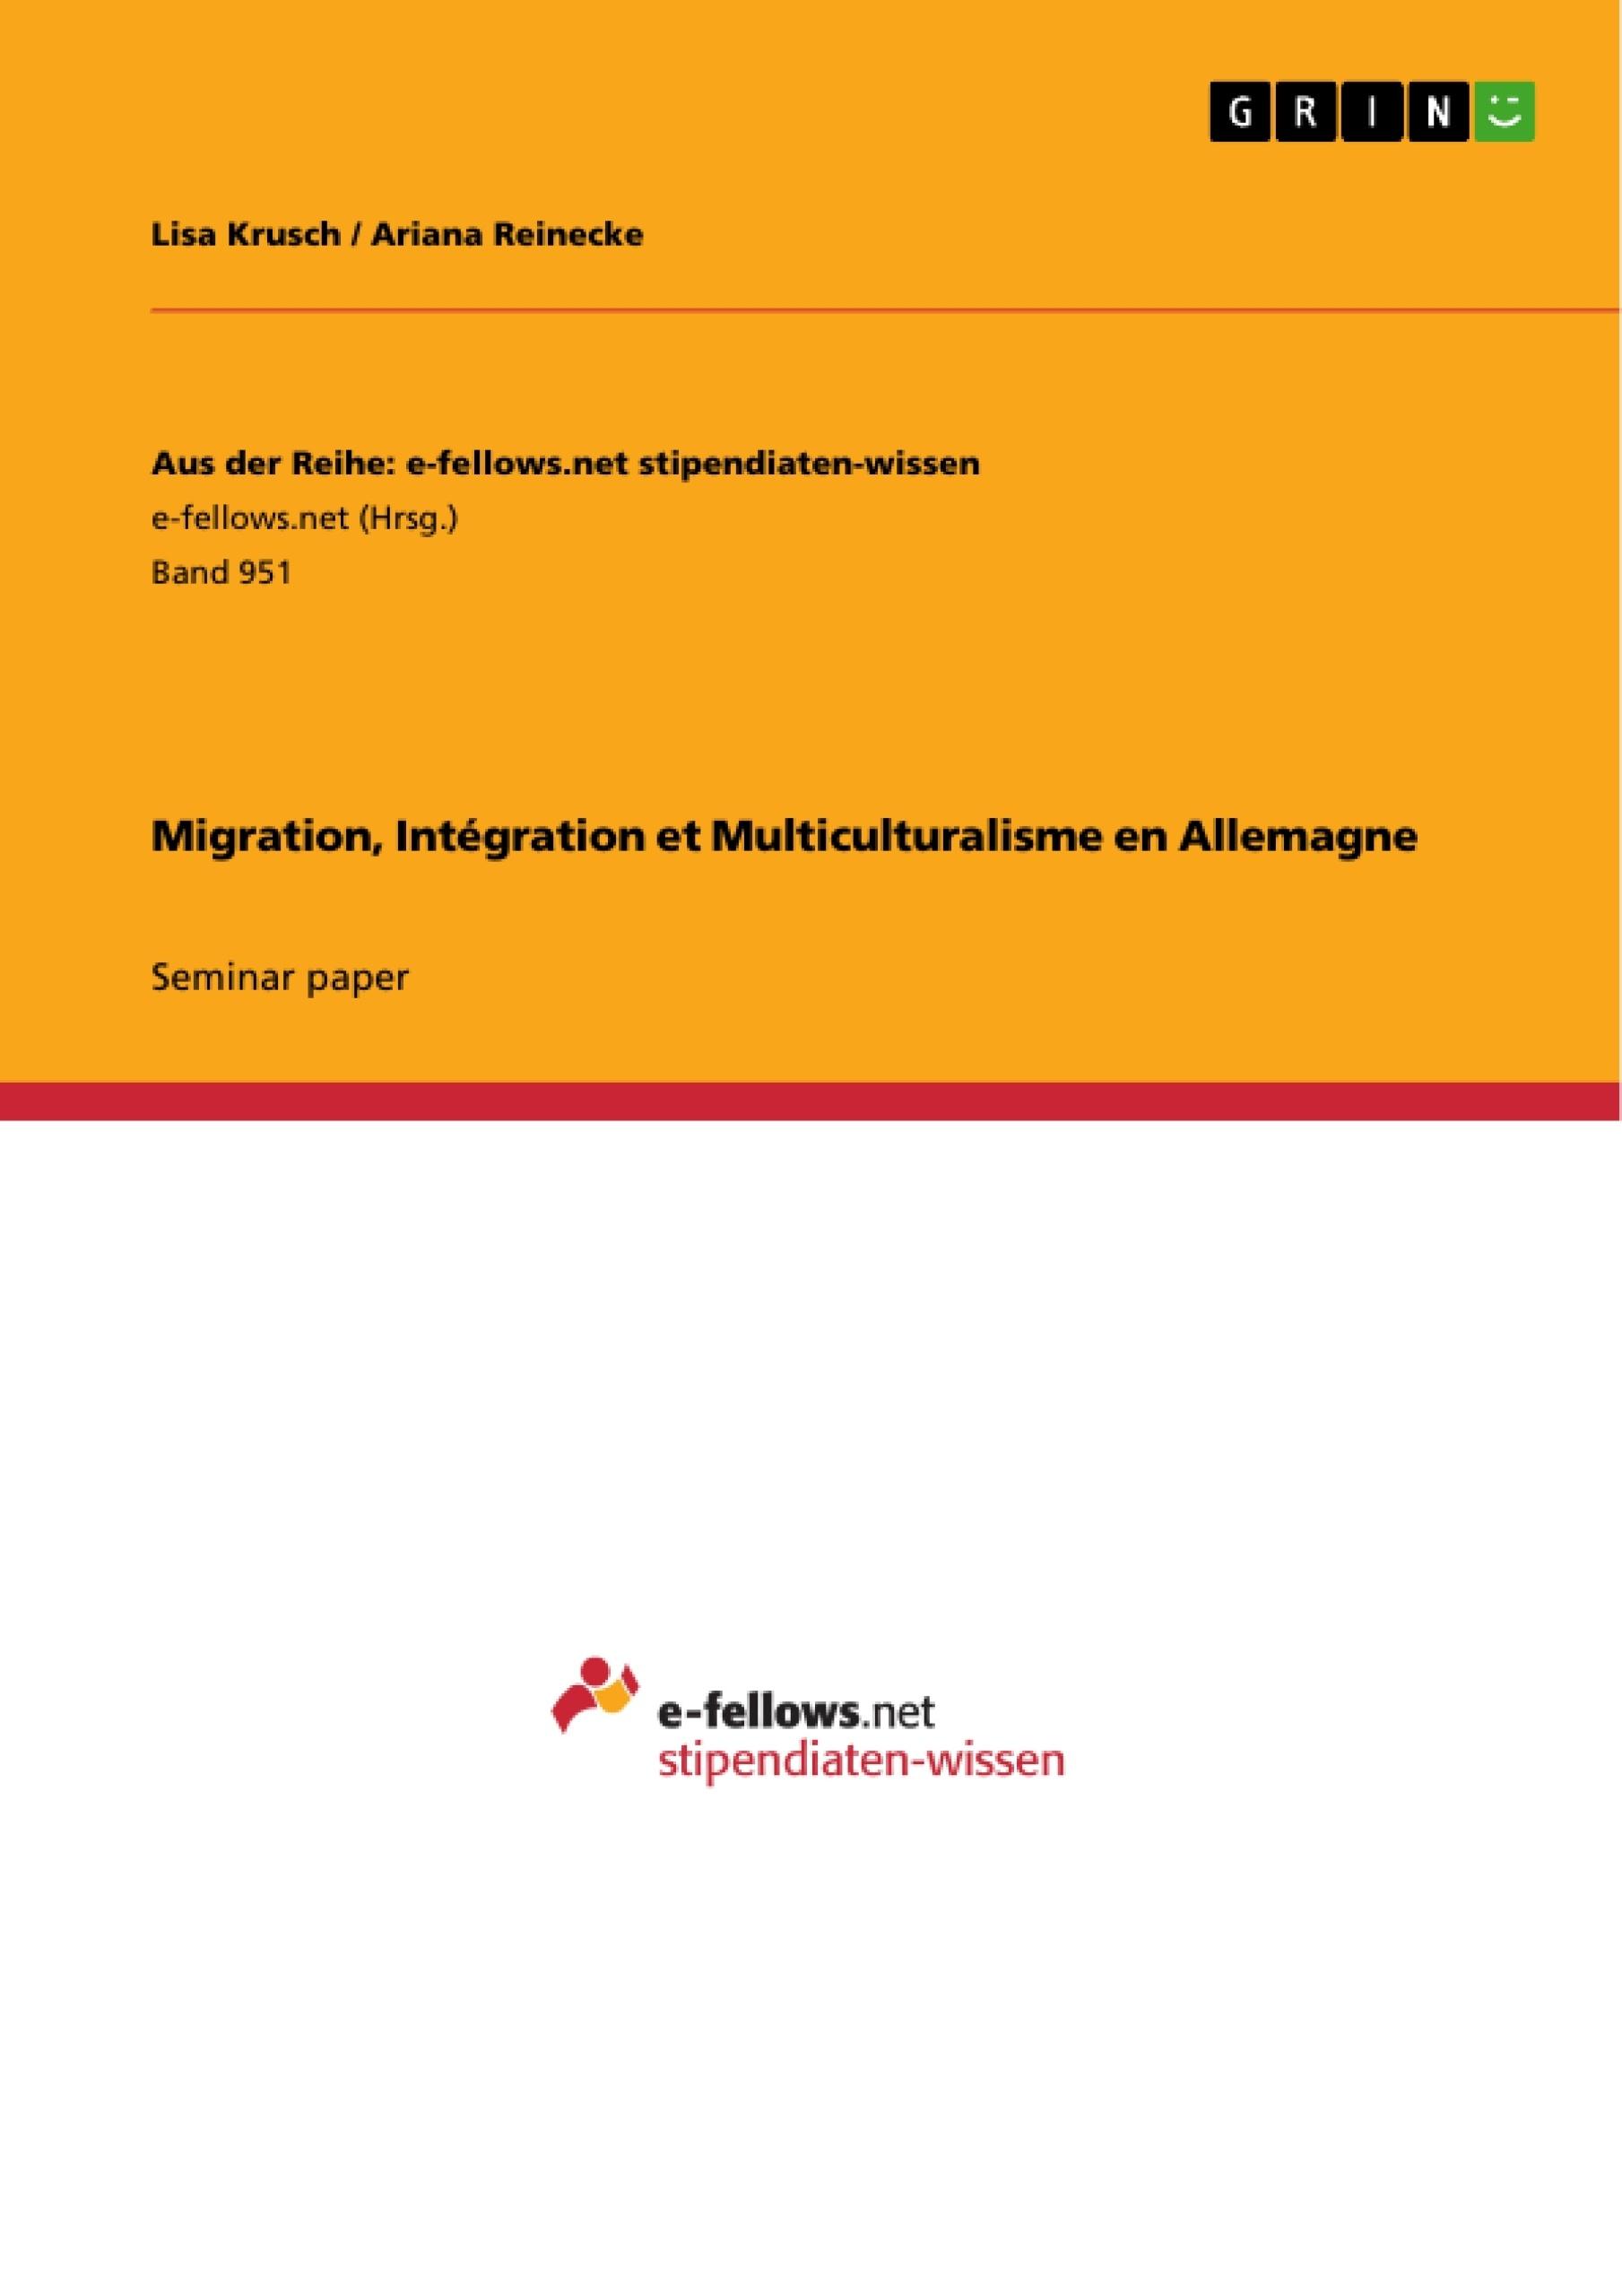 Titre: Migration, Intégration et Multiculturalisme en Allemagne